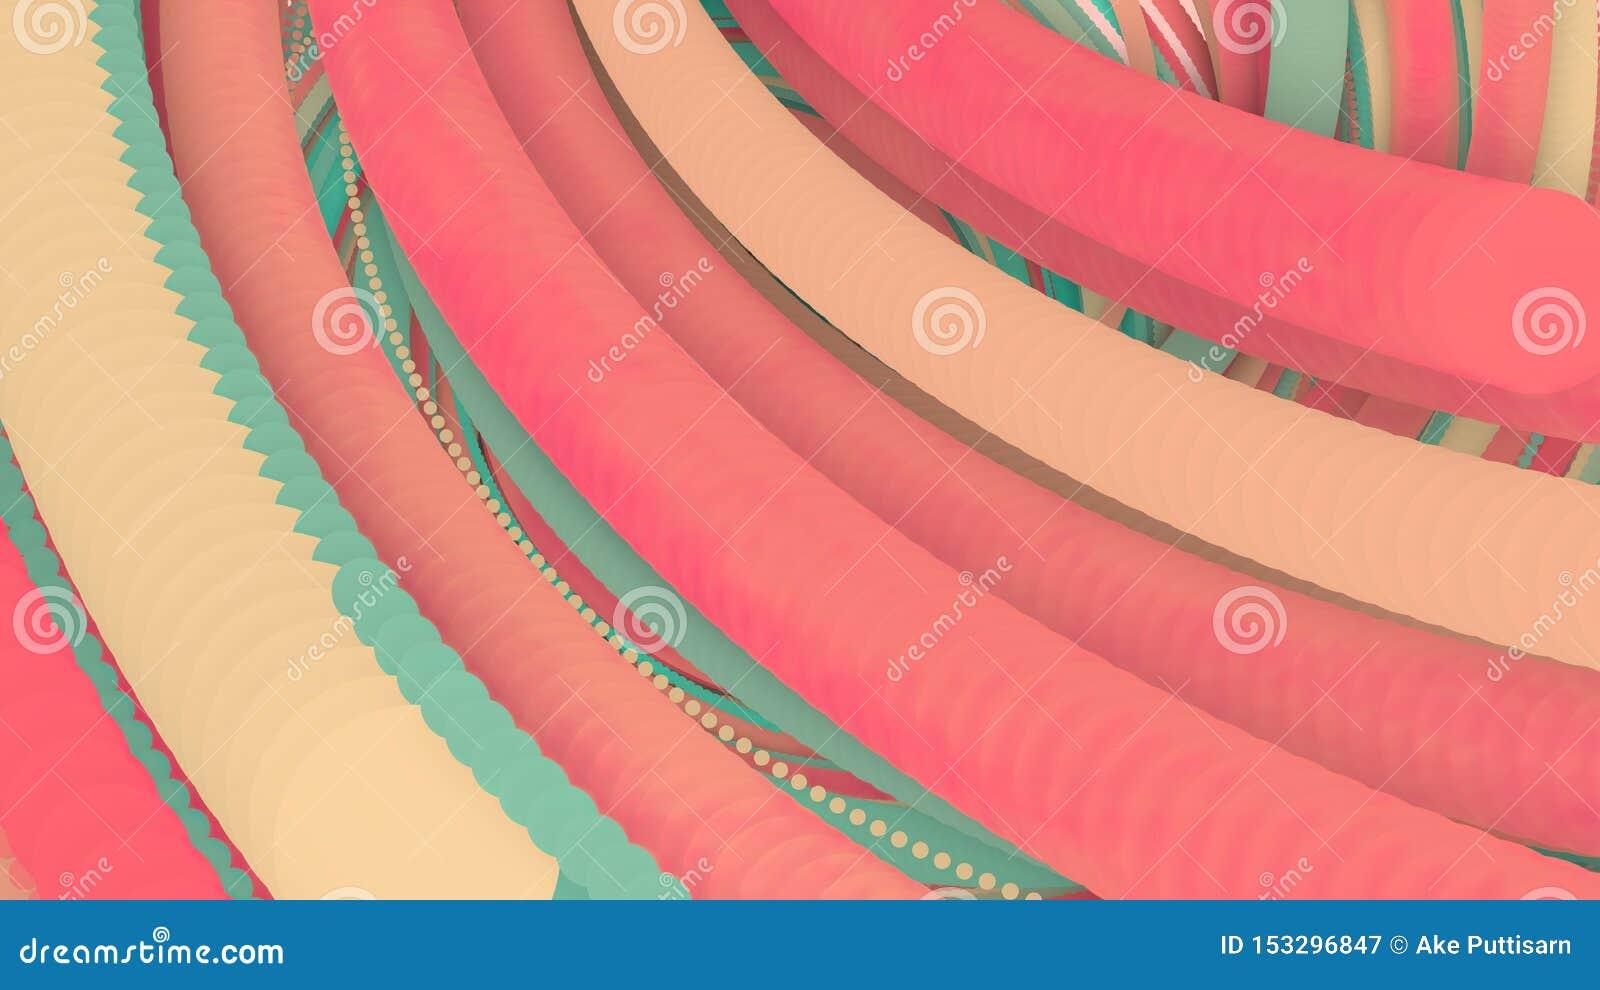 η τρισδιάστατη απεικόνιση, τρισδιάστατη απόδοση, αφαιρεί το γεωμετρικό υπόβαθρο, γραμμές που τα σημεία κύκλων είναι πολύ κοντά Μέ